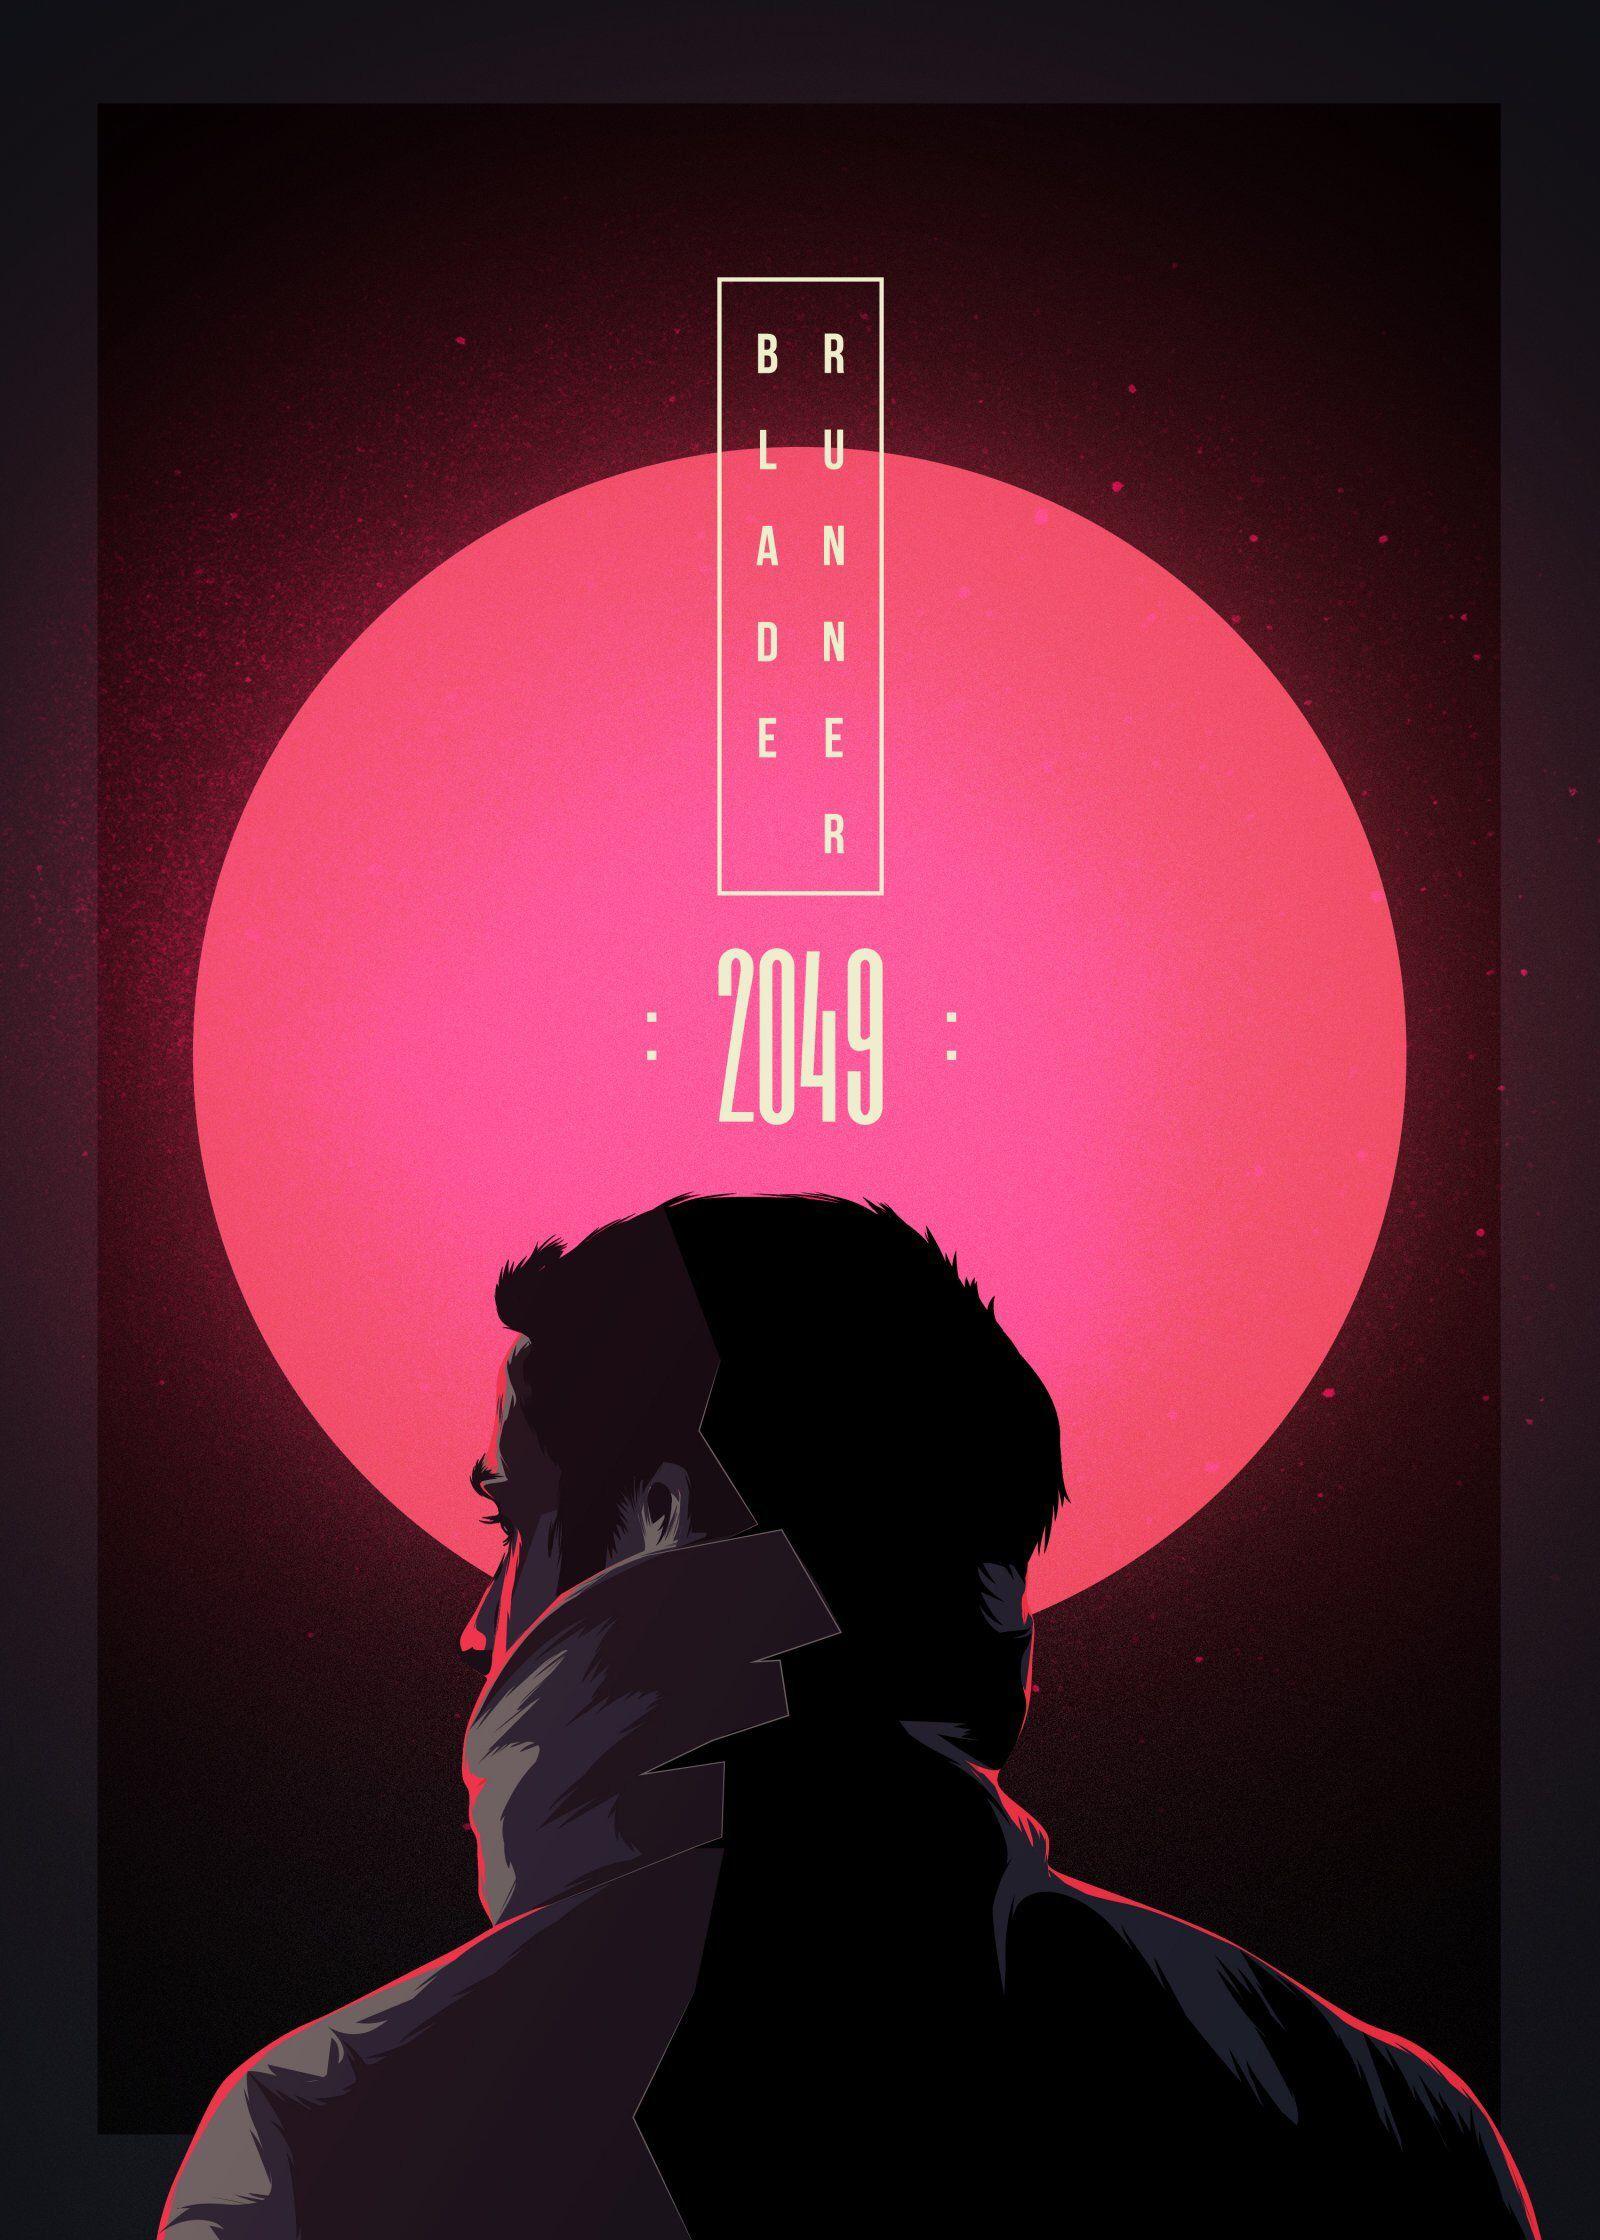 Blade Runner 2049 W Ryan Gosling Movie Posters Design Blade Runner Graphic Design Posters